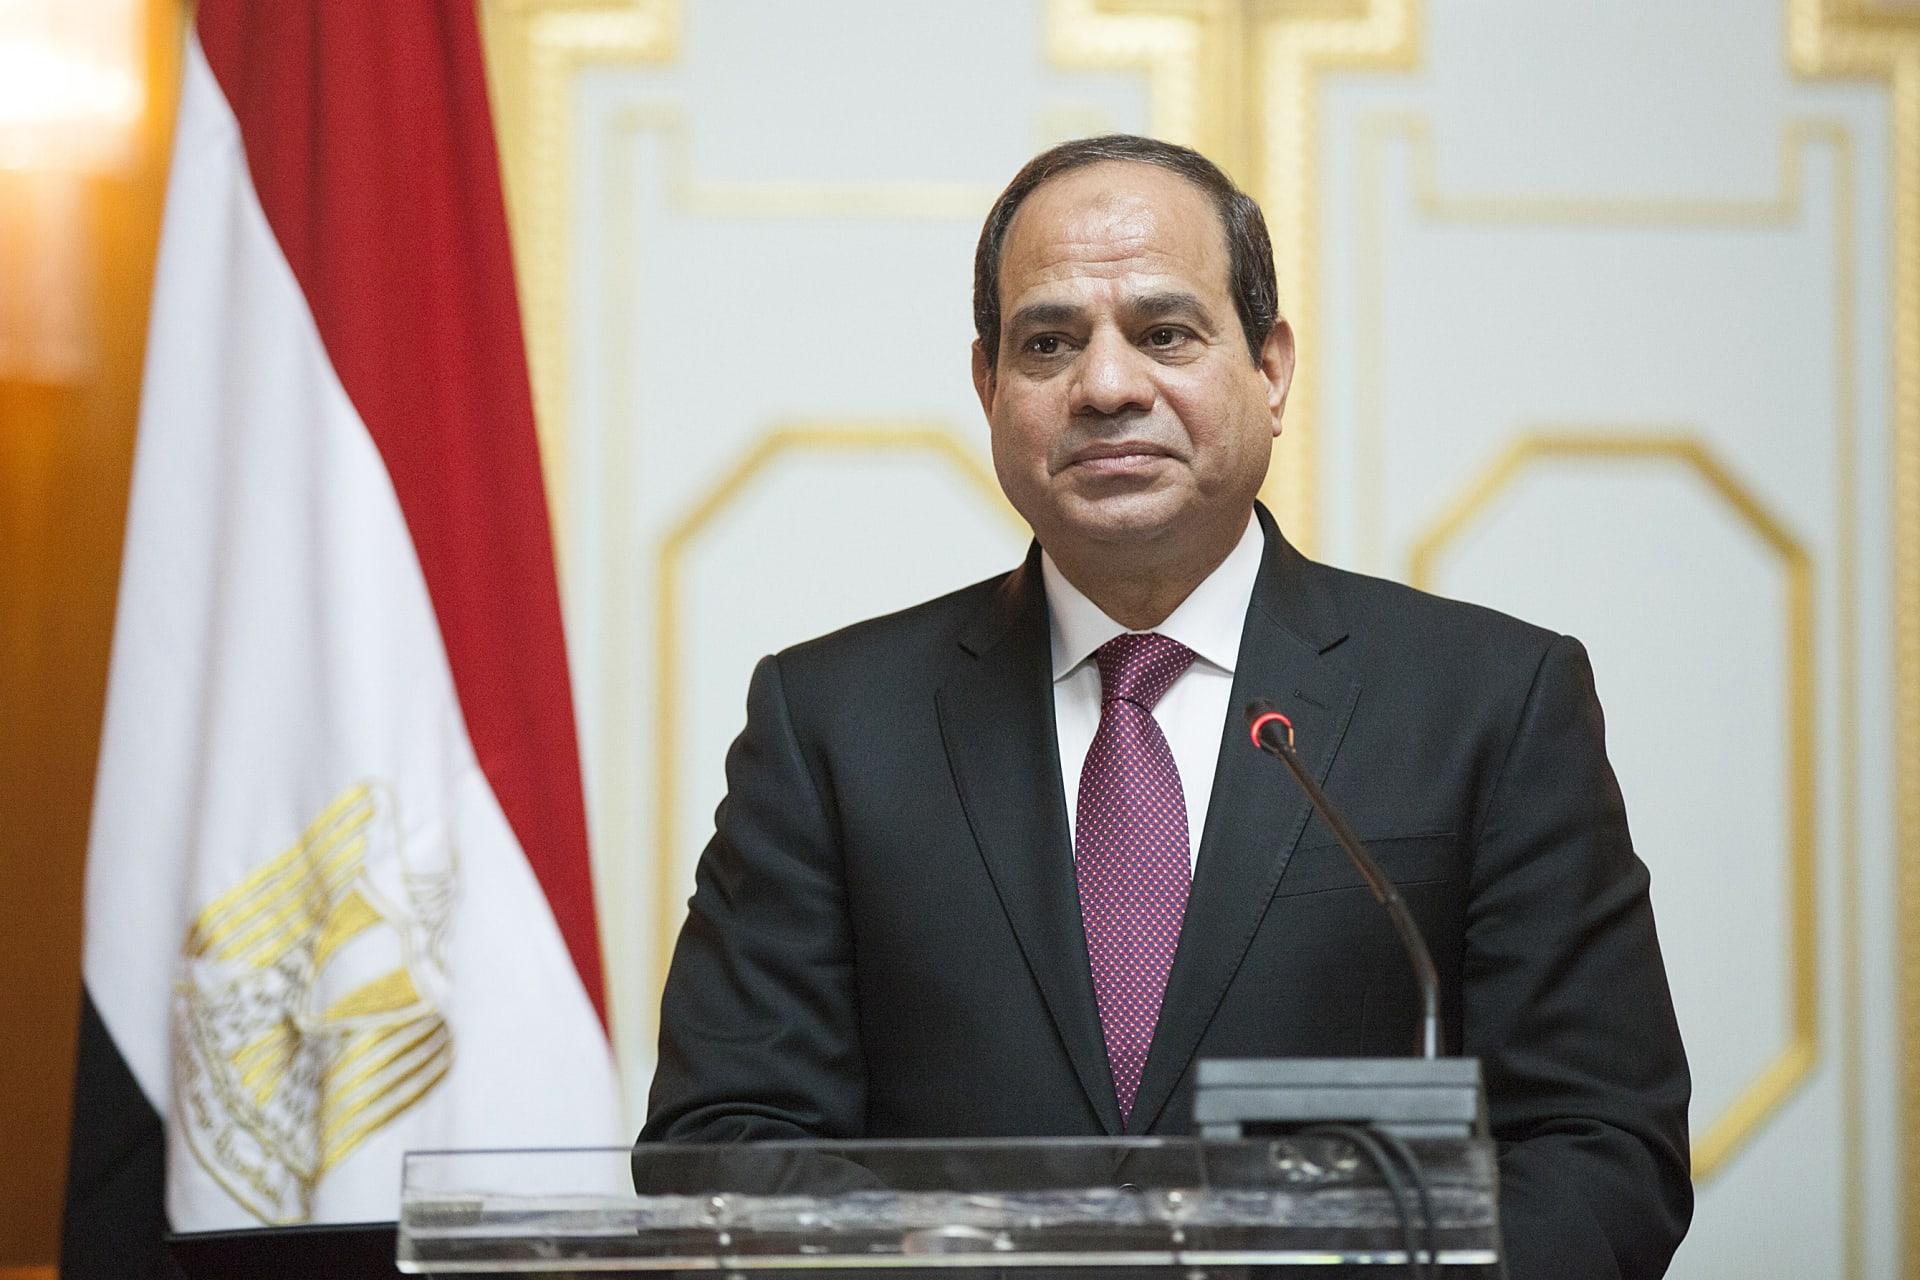 السيسي يكشف موعد وصول عدد سكان مصر إلى 193 مليون ويوضح سبب تراجع قيمة الجنيه